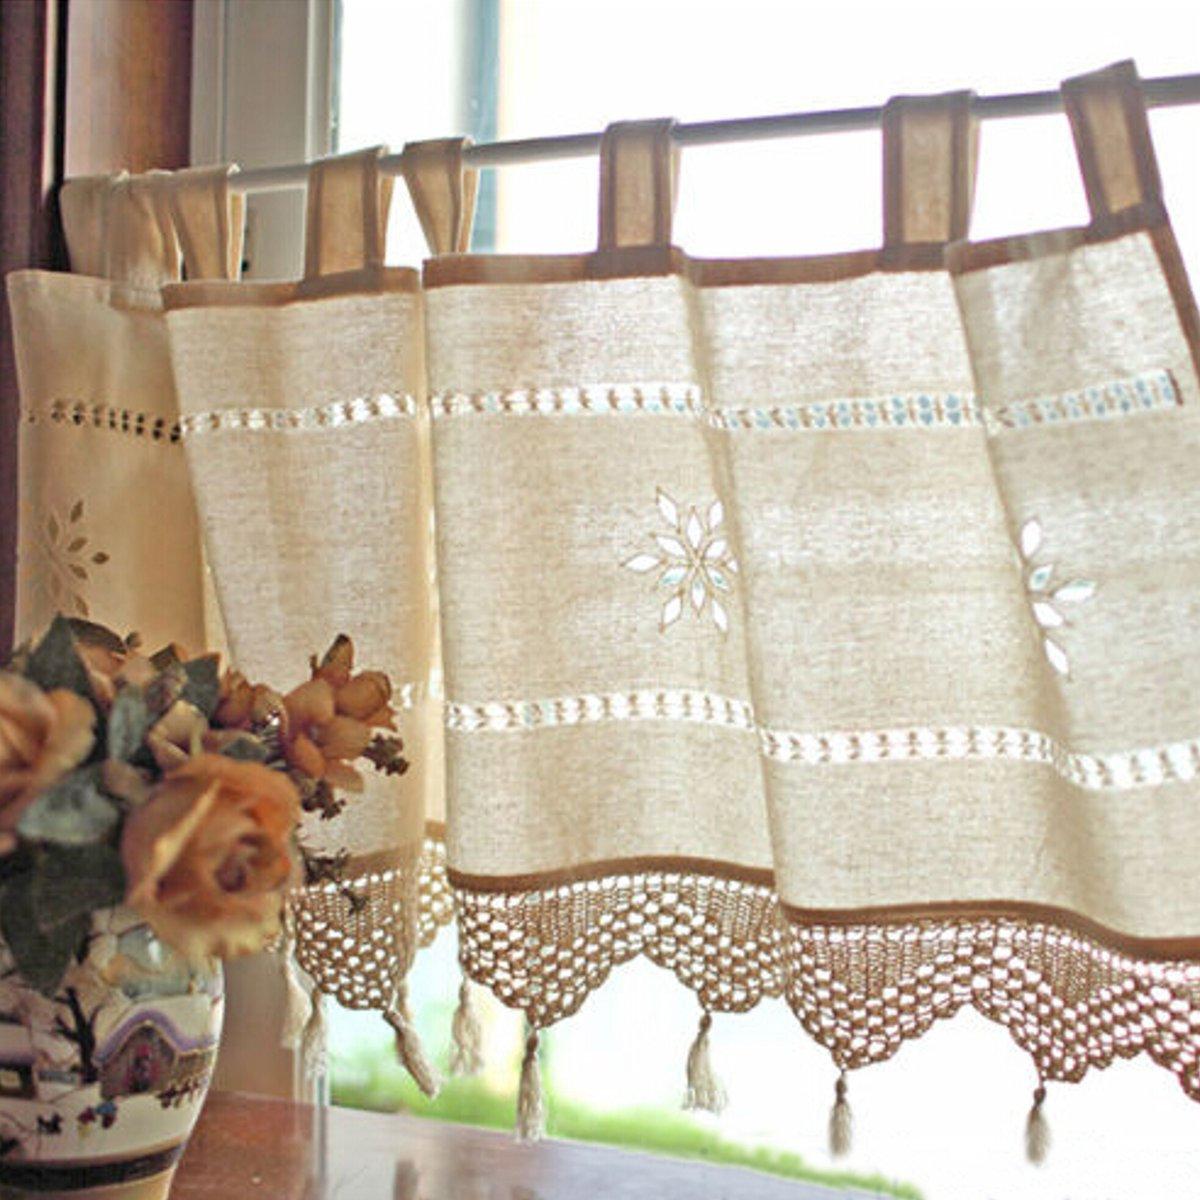 Estilo rústico bordados sábanas de algodón francés cortina de la cocina en casa cortina de café